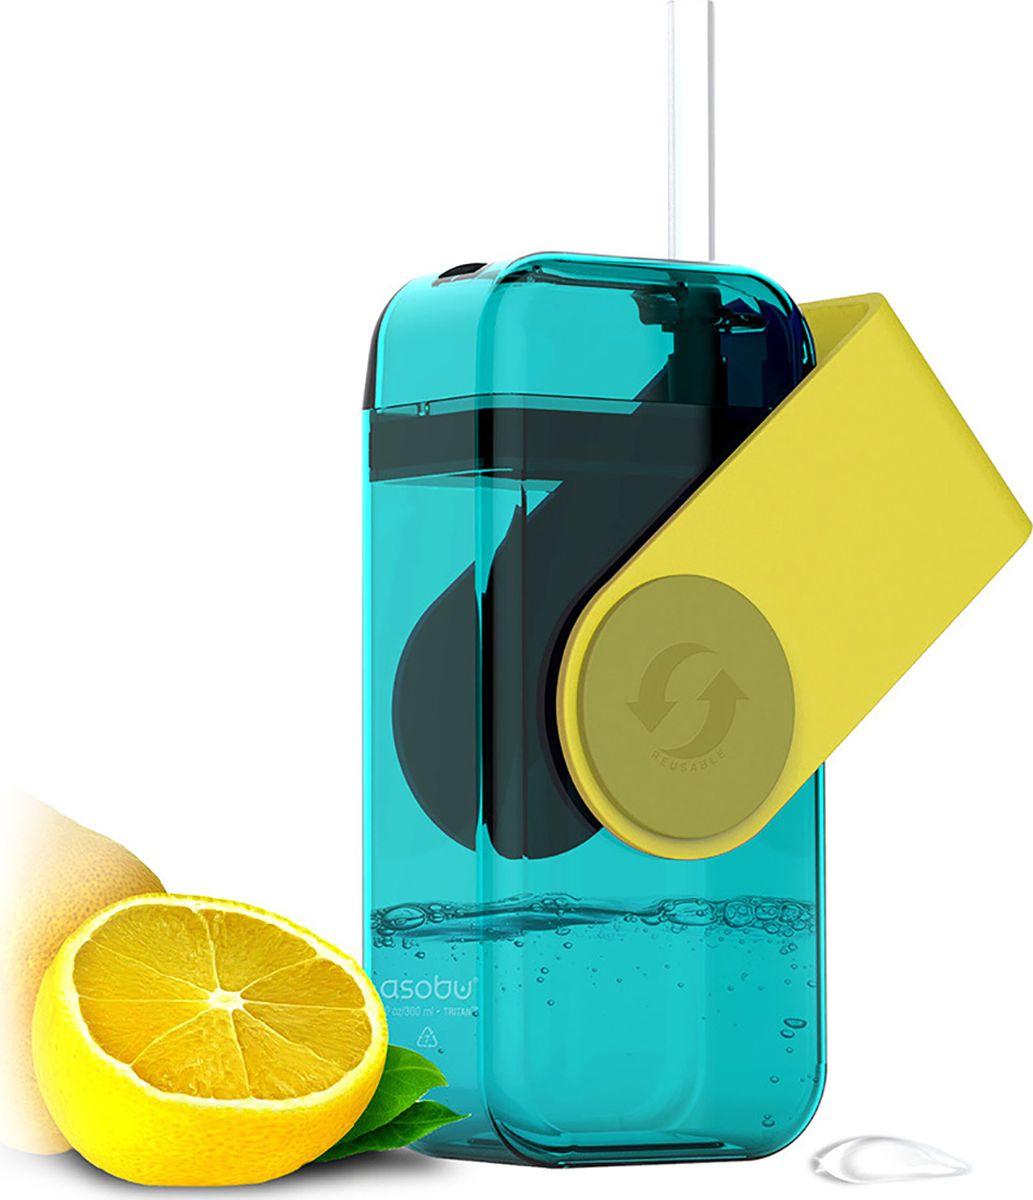 Бутылка Asobu Juicy drink box, цвет: желтый, 290 млJB300 yellowБутылка Asobu Juicy drink box вышла за пределы стандартных бутылок для напитков! Многоразовый бокс для напитков эргономичной формы, изготовленный из экологически чистого и полностью перерабатываемого материала. Идеально подходит для сока или воды. Эта серия боксов особенно придется по вкусу детям.Рекомендация по использованию: перед тем, как закрывать наполненный бокс, наклоните и прижмите силиконовою трубочку к крышке, тем самым вы заблокируете отверстие в трубочке и при закрывании крышки напиток не прольется.Материал: ПластикВысота : 15 смШирина : 7,5 см